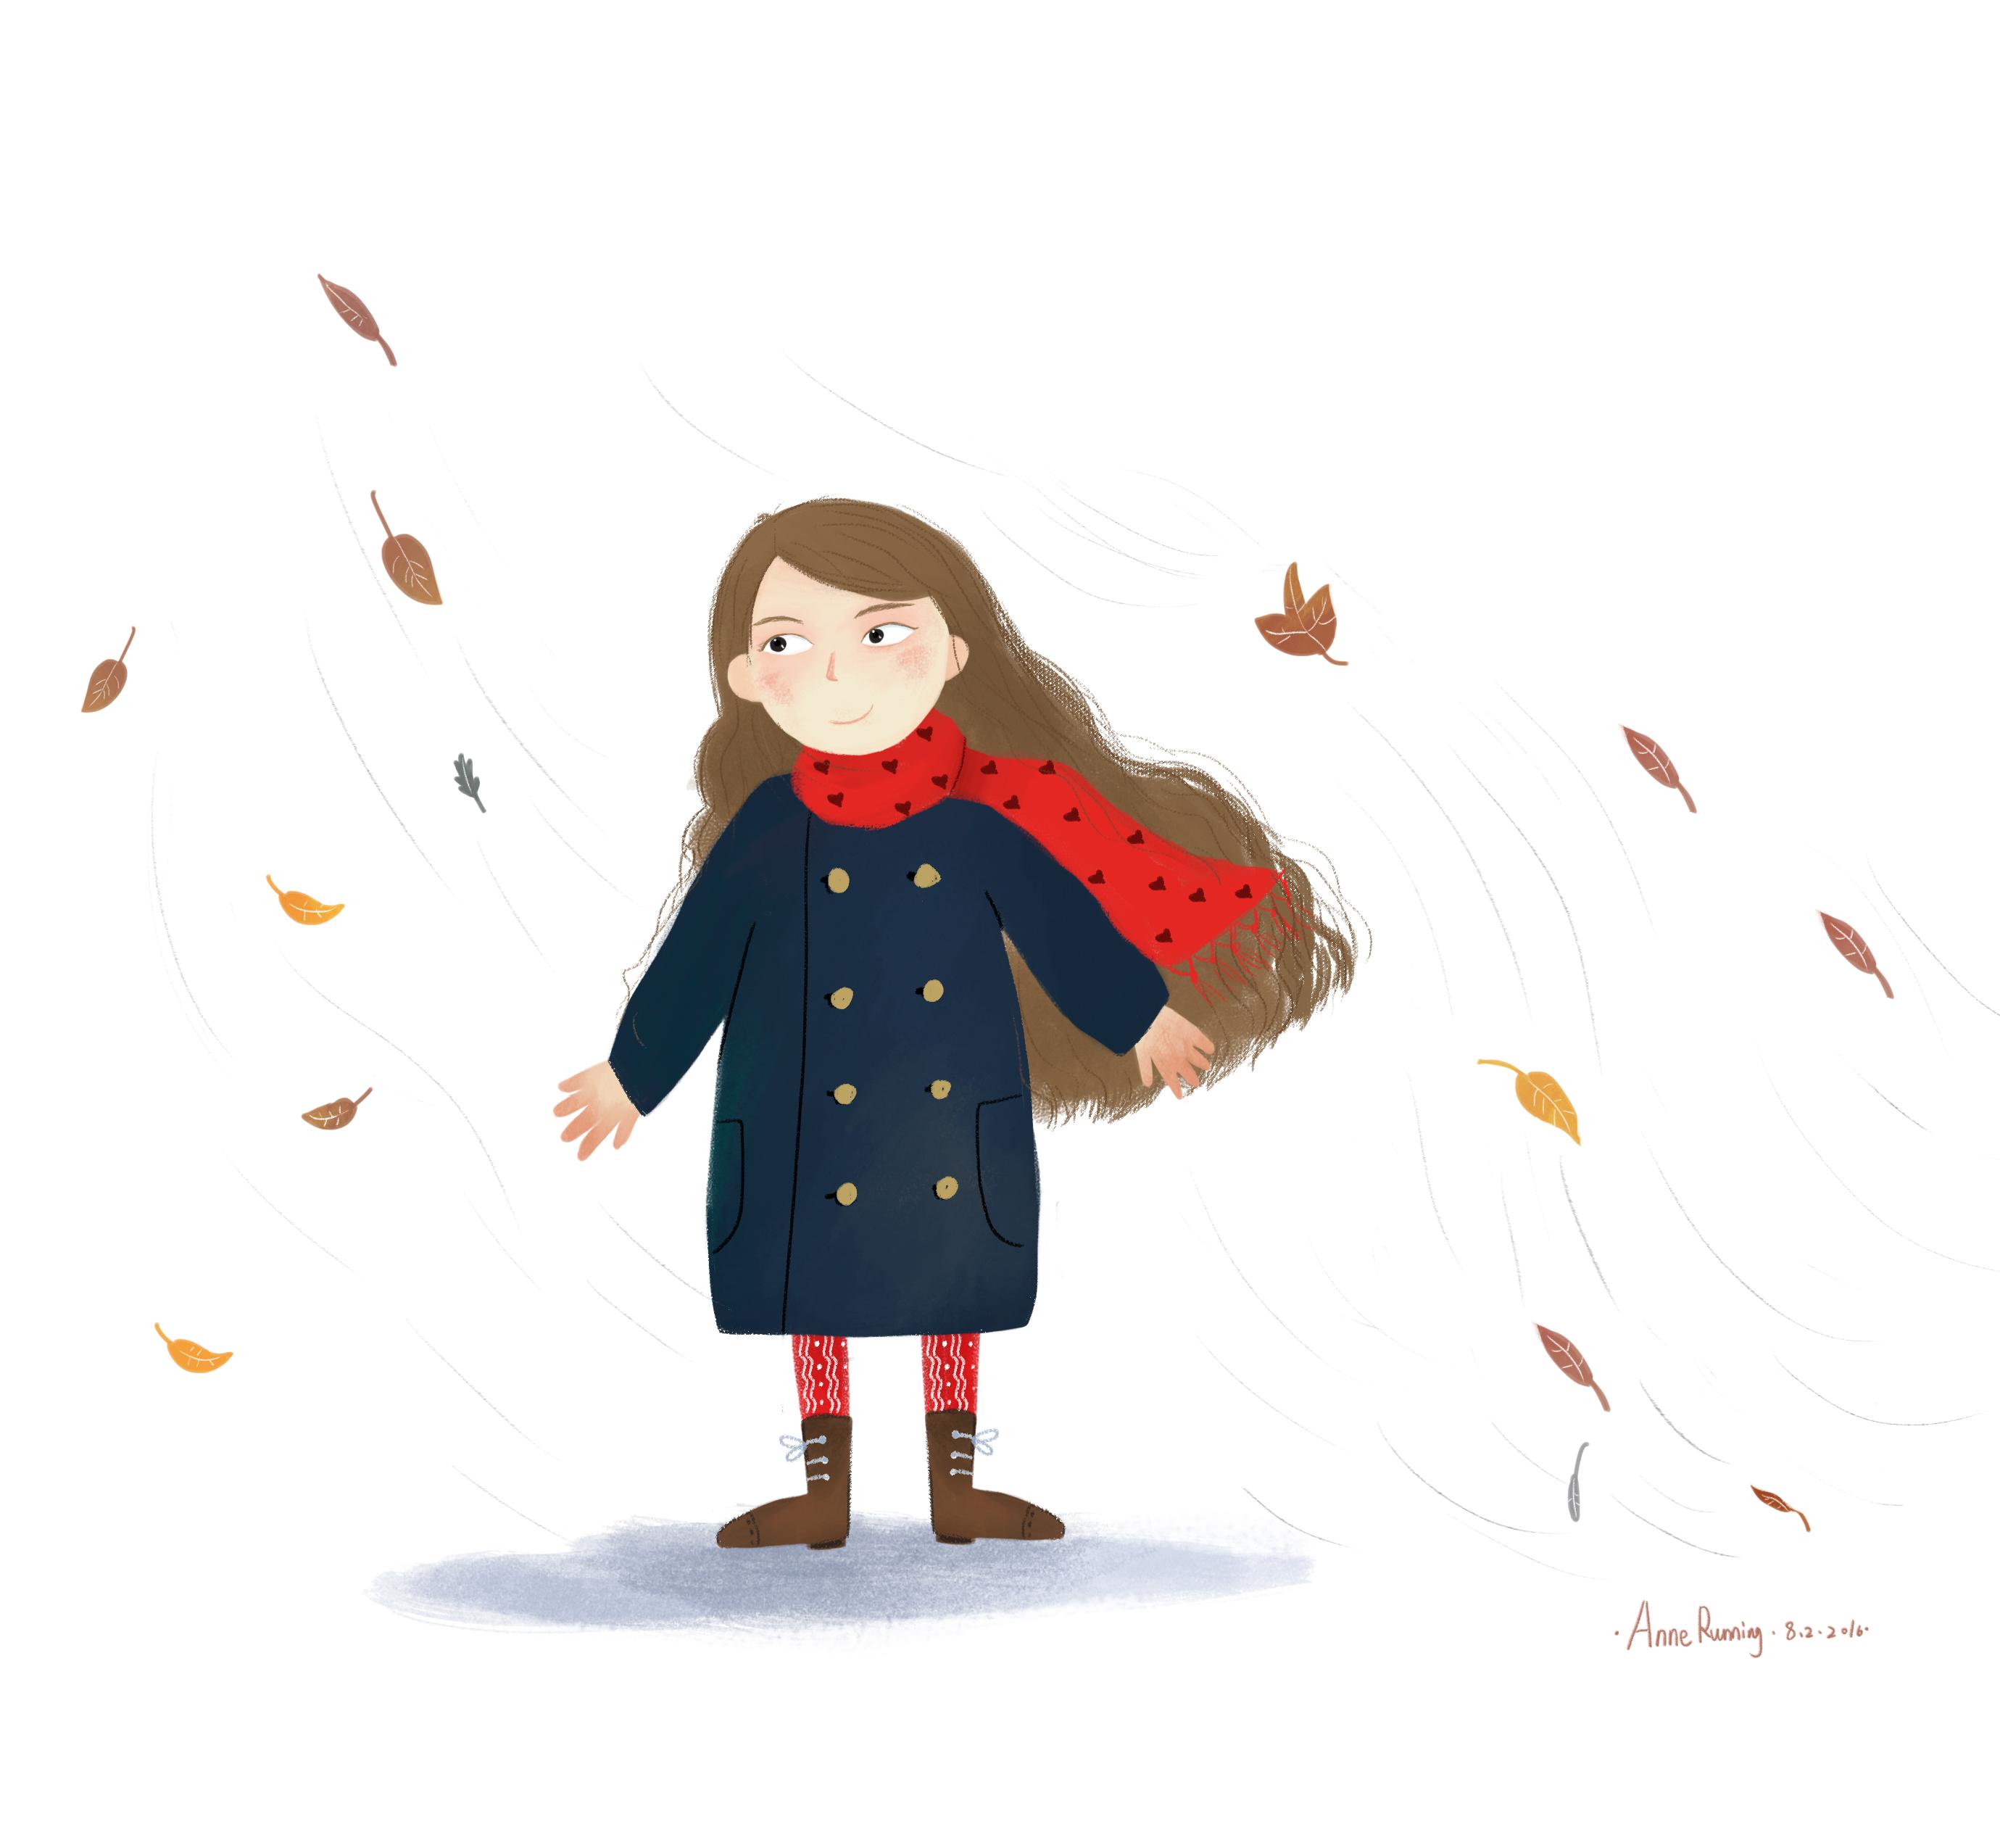 闷热的天气有点怀念凉爽的秋风.图片